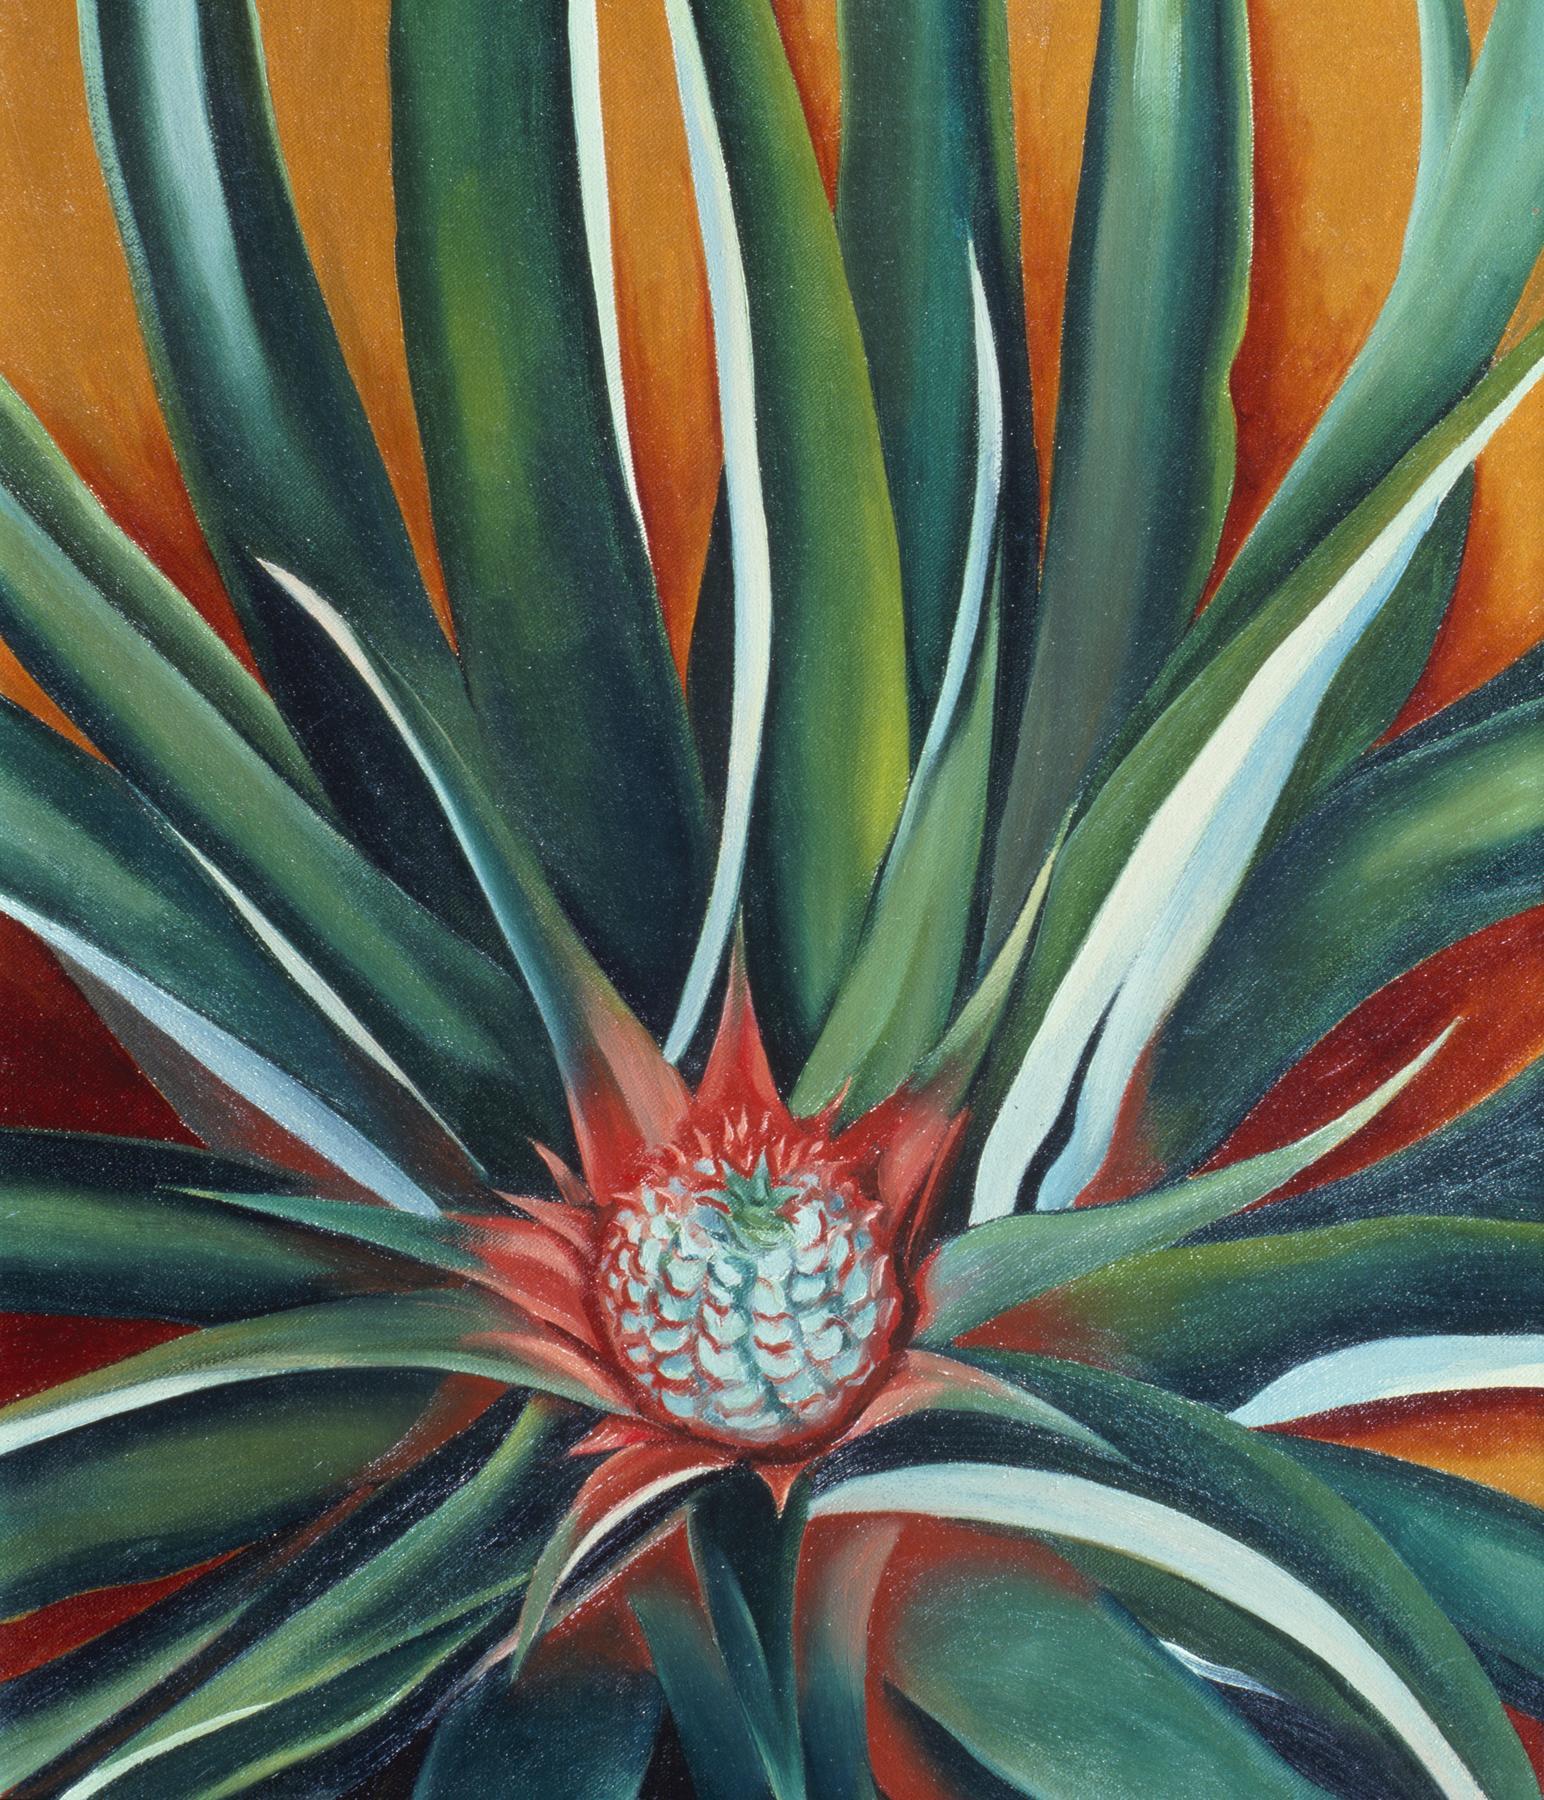 NYBG_Georgia_O'Keeffe_Pineapple_Bud